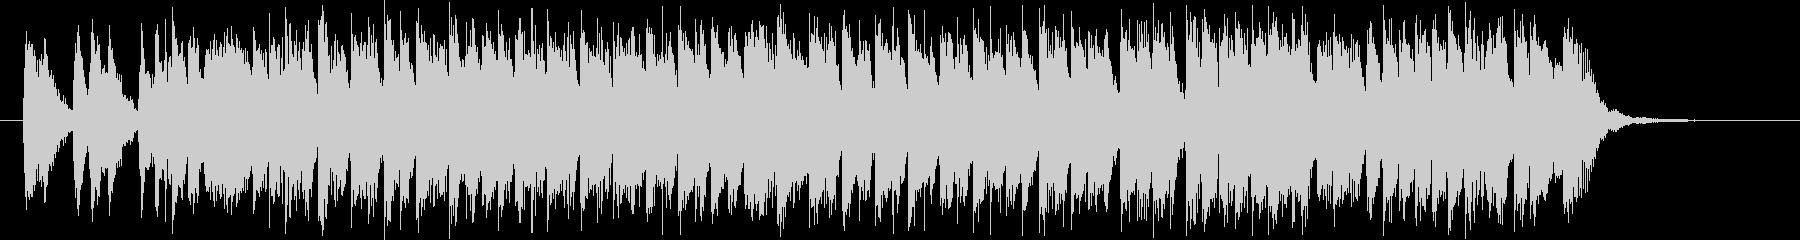 カートゥン系楽器を使用したコミカルポップの未再生の波形